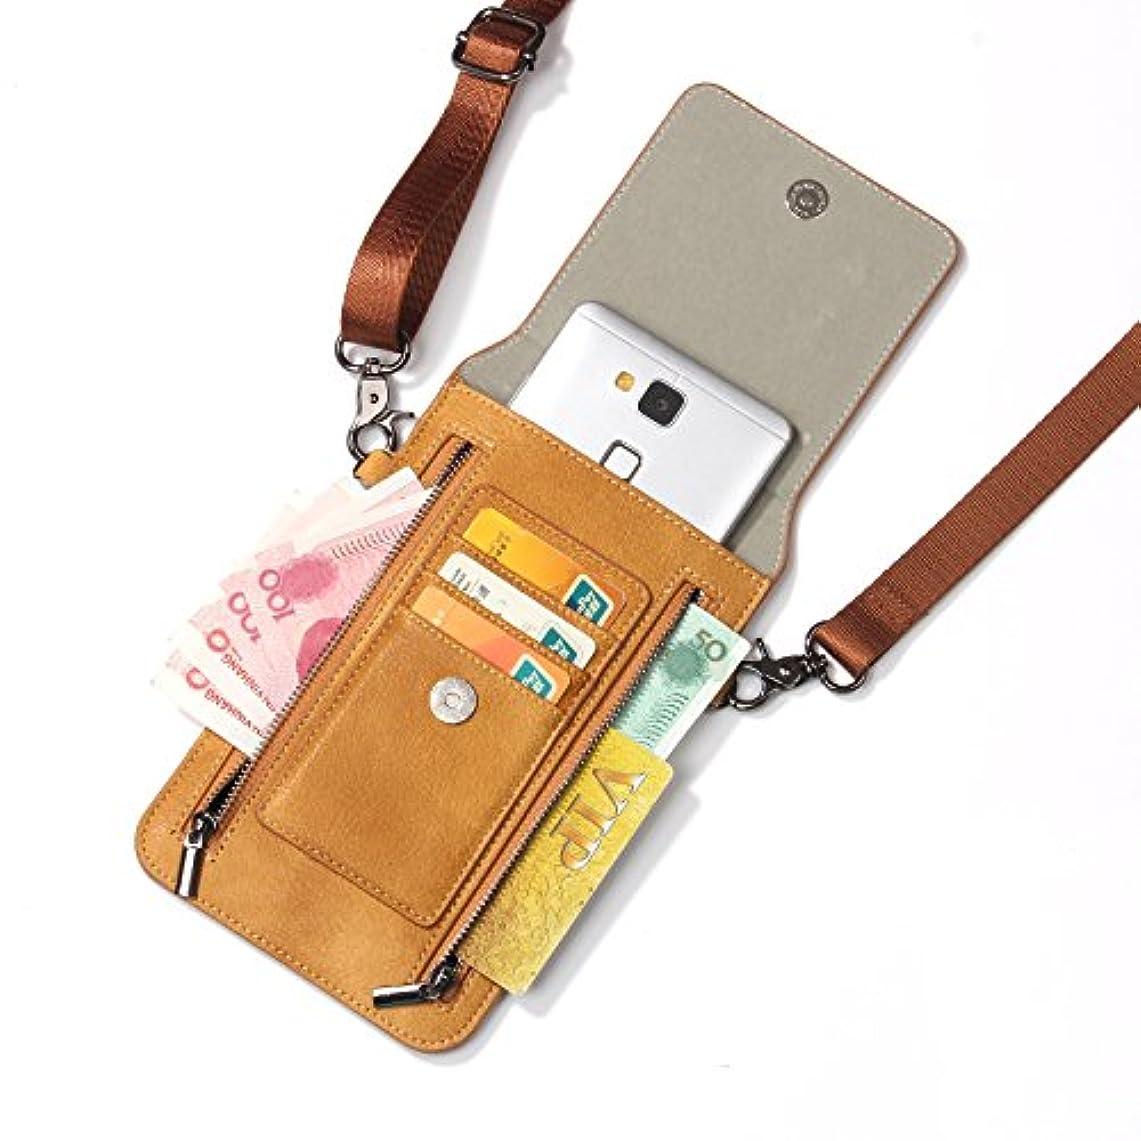 引く神経拡大するiPhone XS Max ケース レザー INorton 多機能スマホポーチ 保護カバー 財布型 軽量 カード お金収納 ストラップ付き iPhone X /8/8Plus/7/7Plusなど6.5インチ汎用